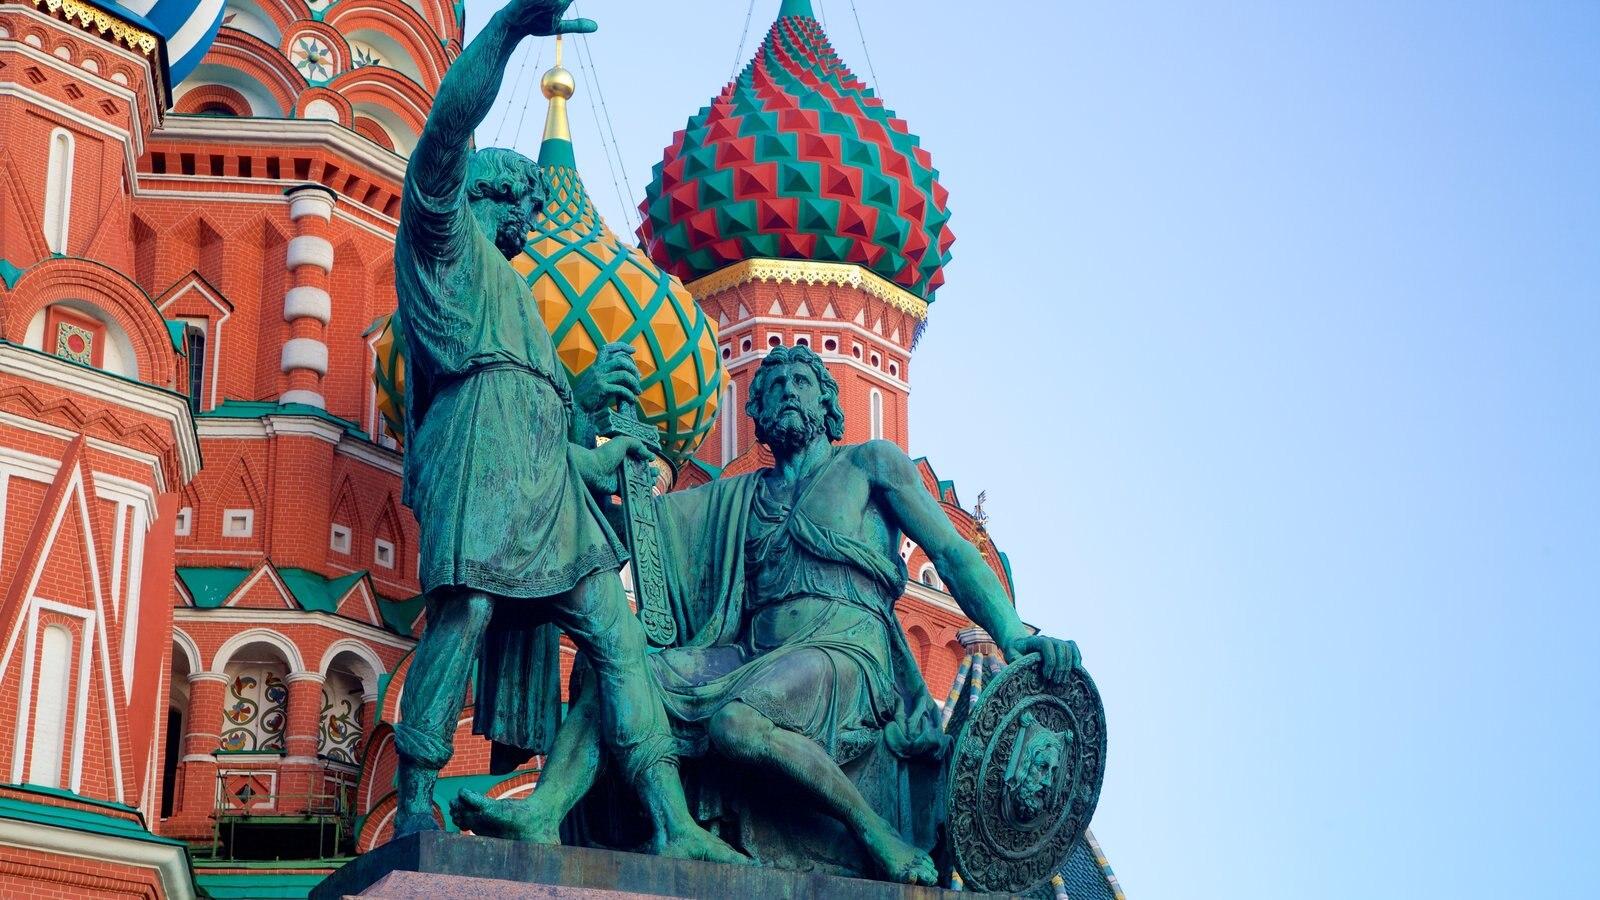 Monumento a Minin e Pozarski mostrando arquitetura de patrimônio e uma estátua ou escultura